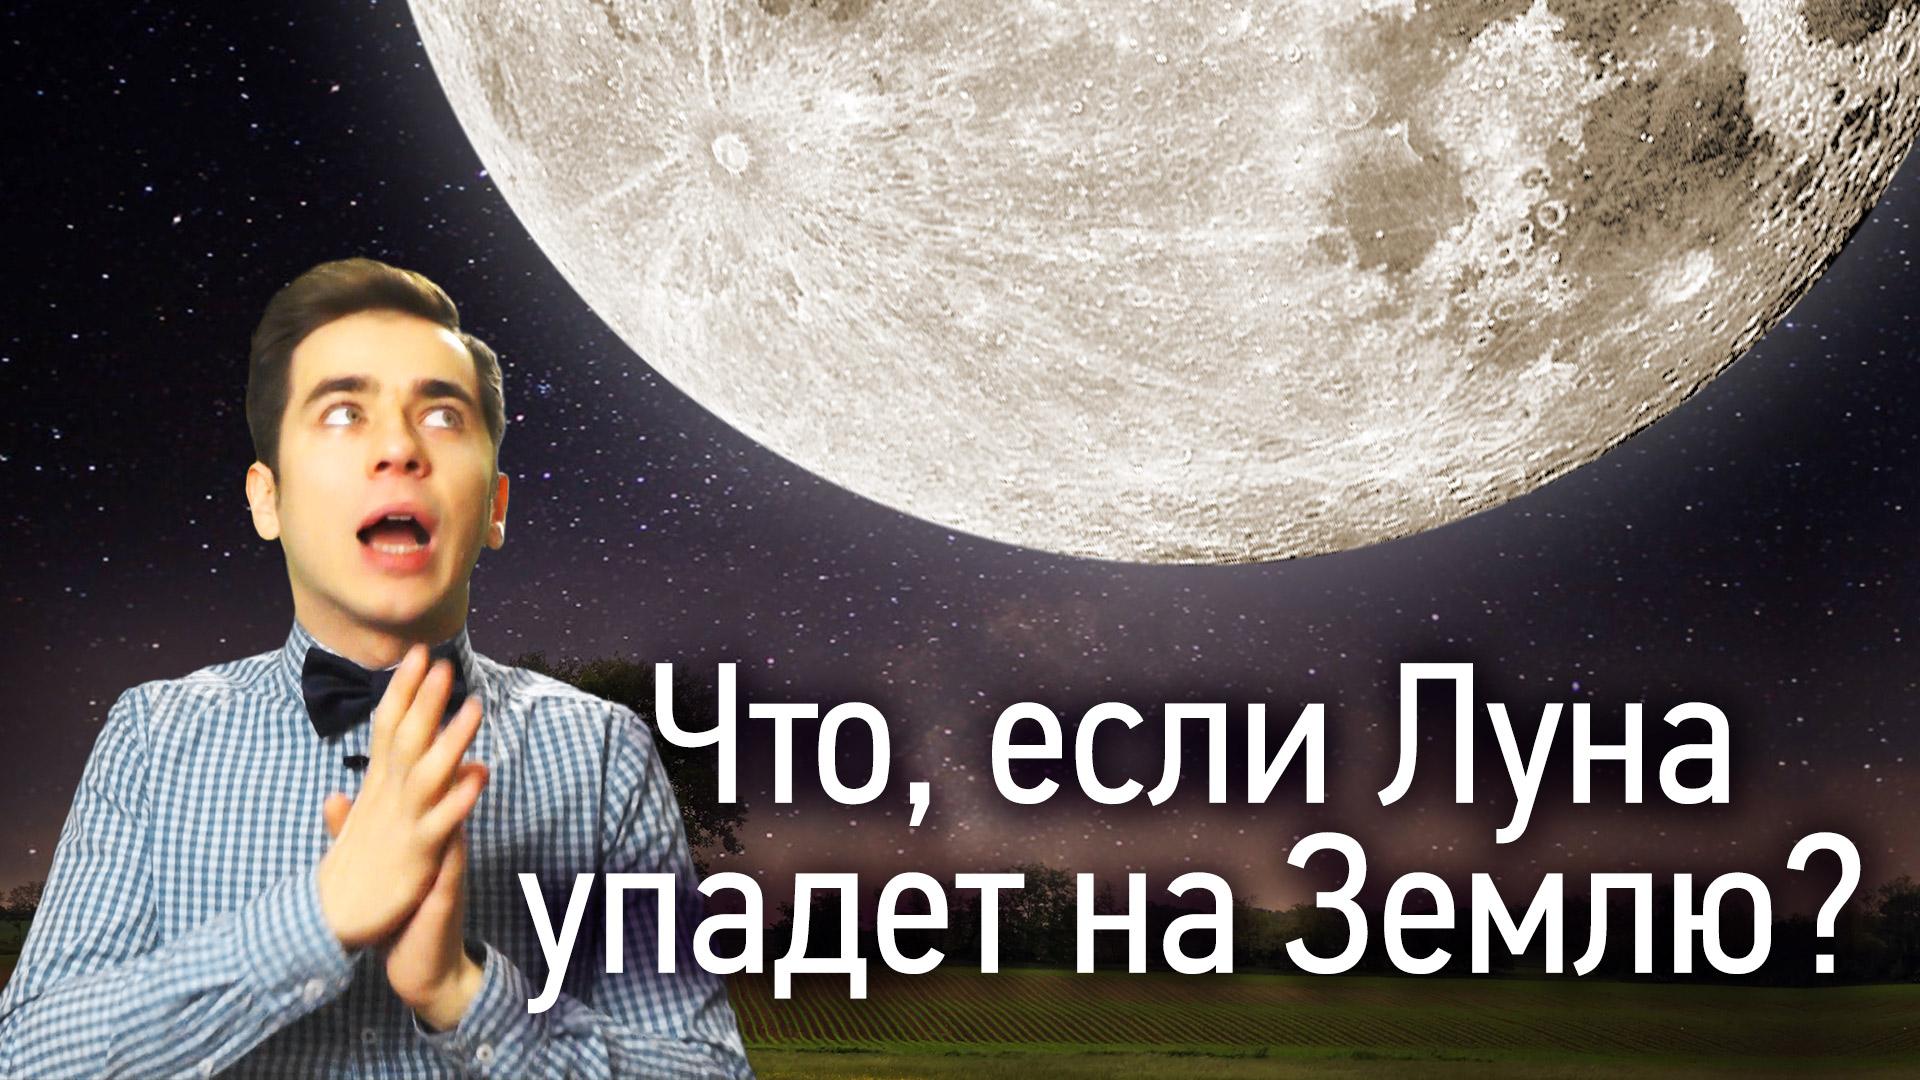 приливы,отливы,луна,космос,планеты,тайна,земля,наука,астрономия, Что, если Луна упадет на Землю?